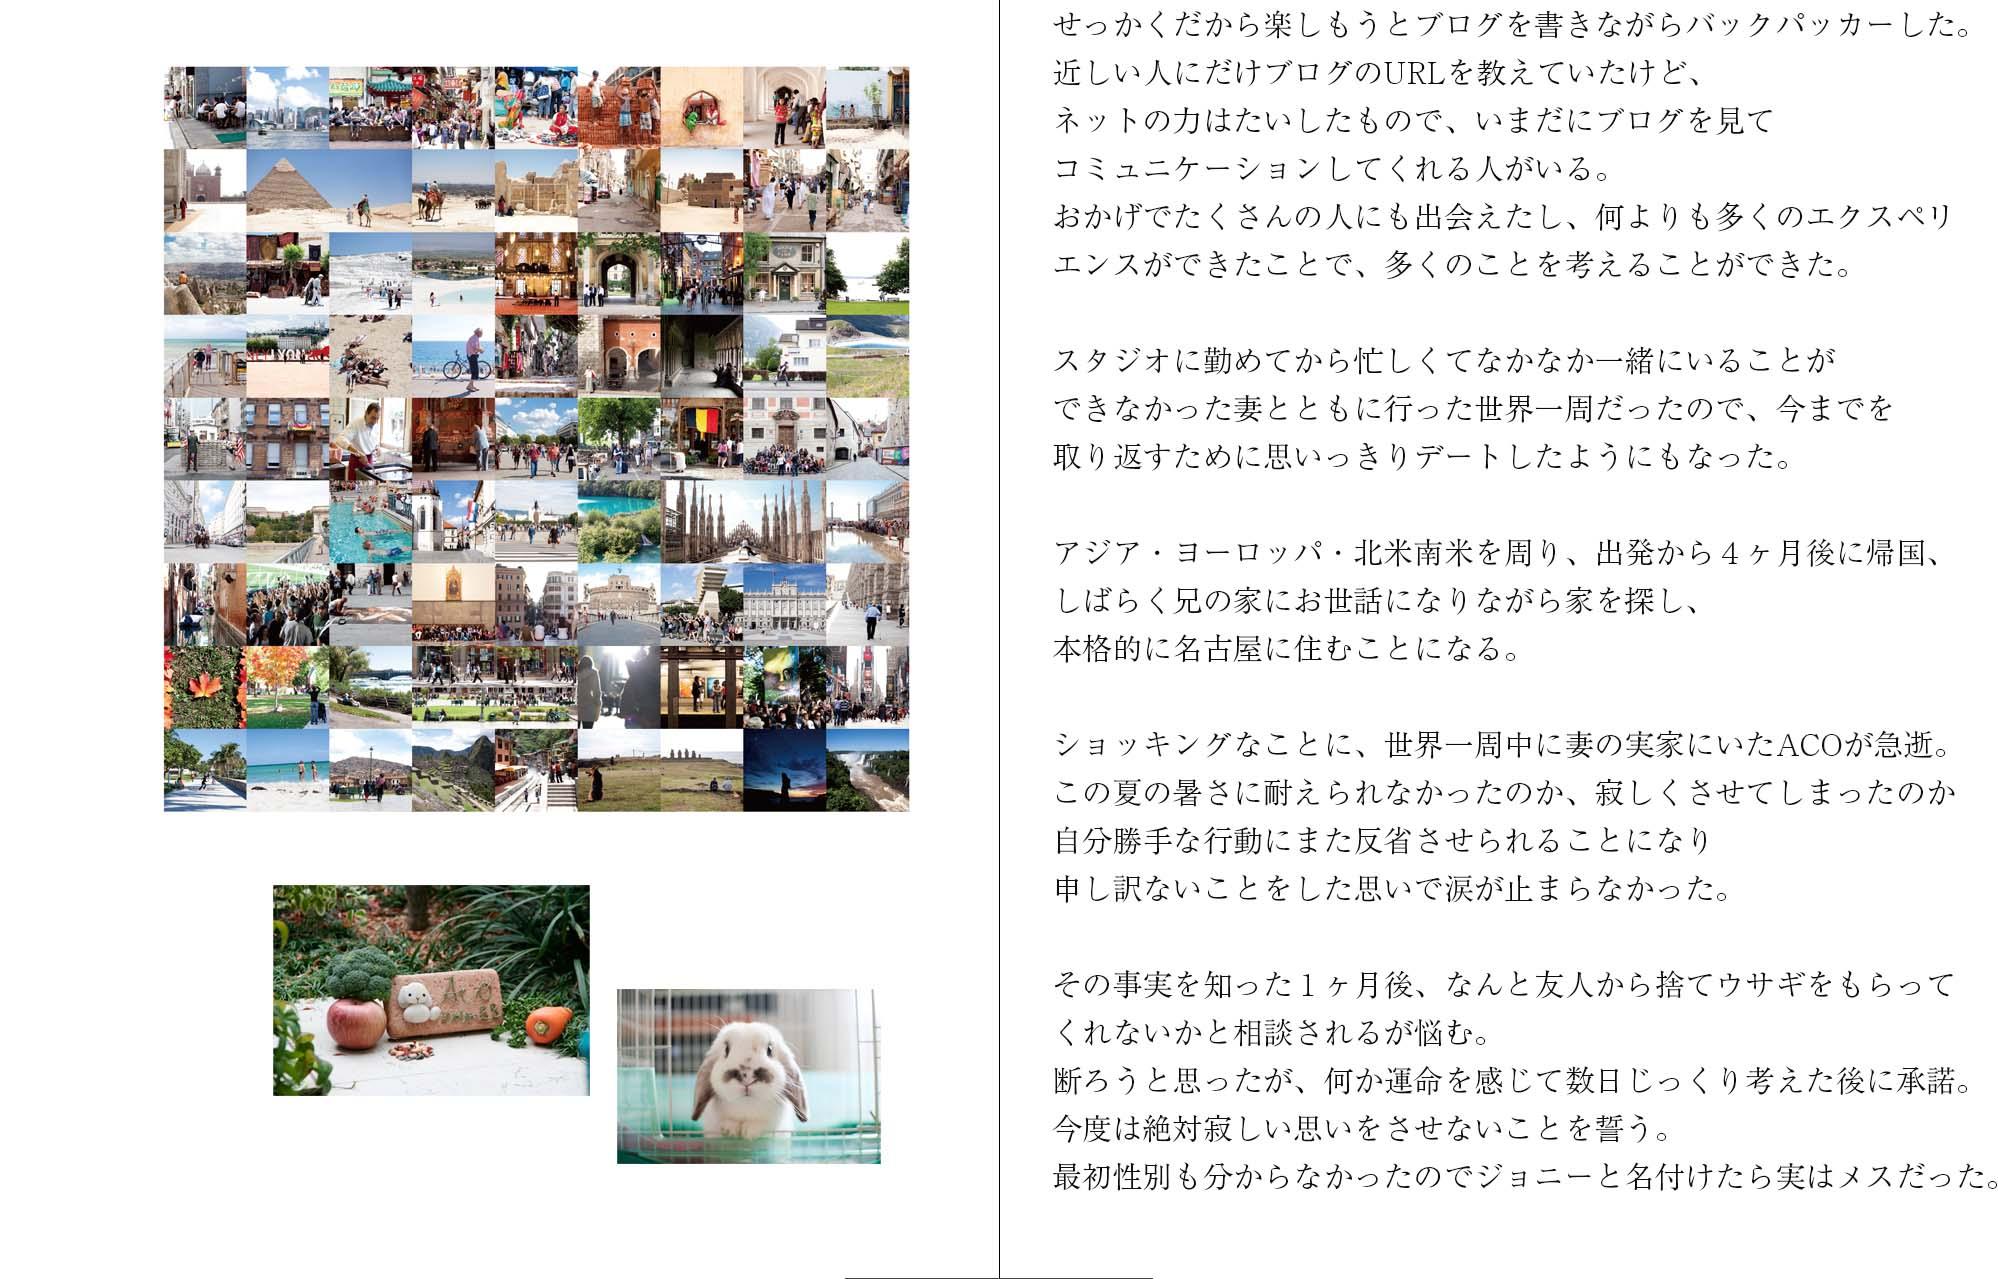 20131228_佐治秀保史_14